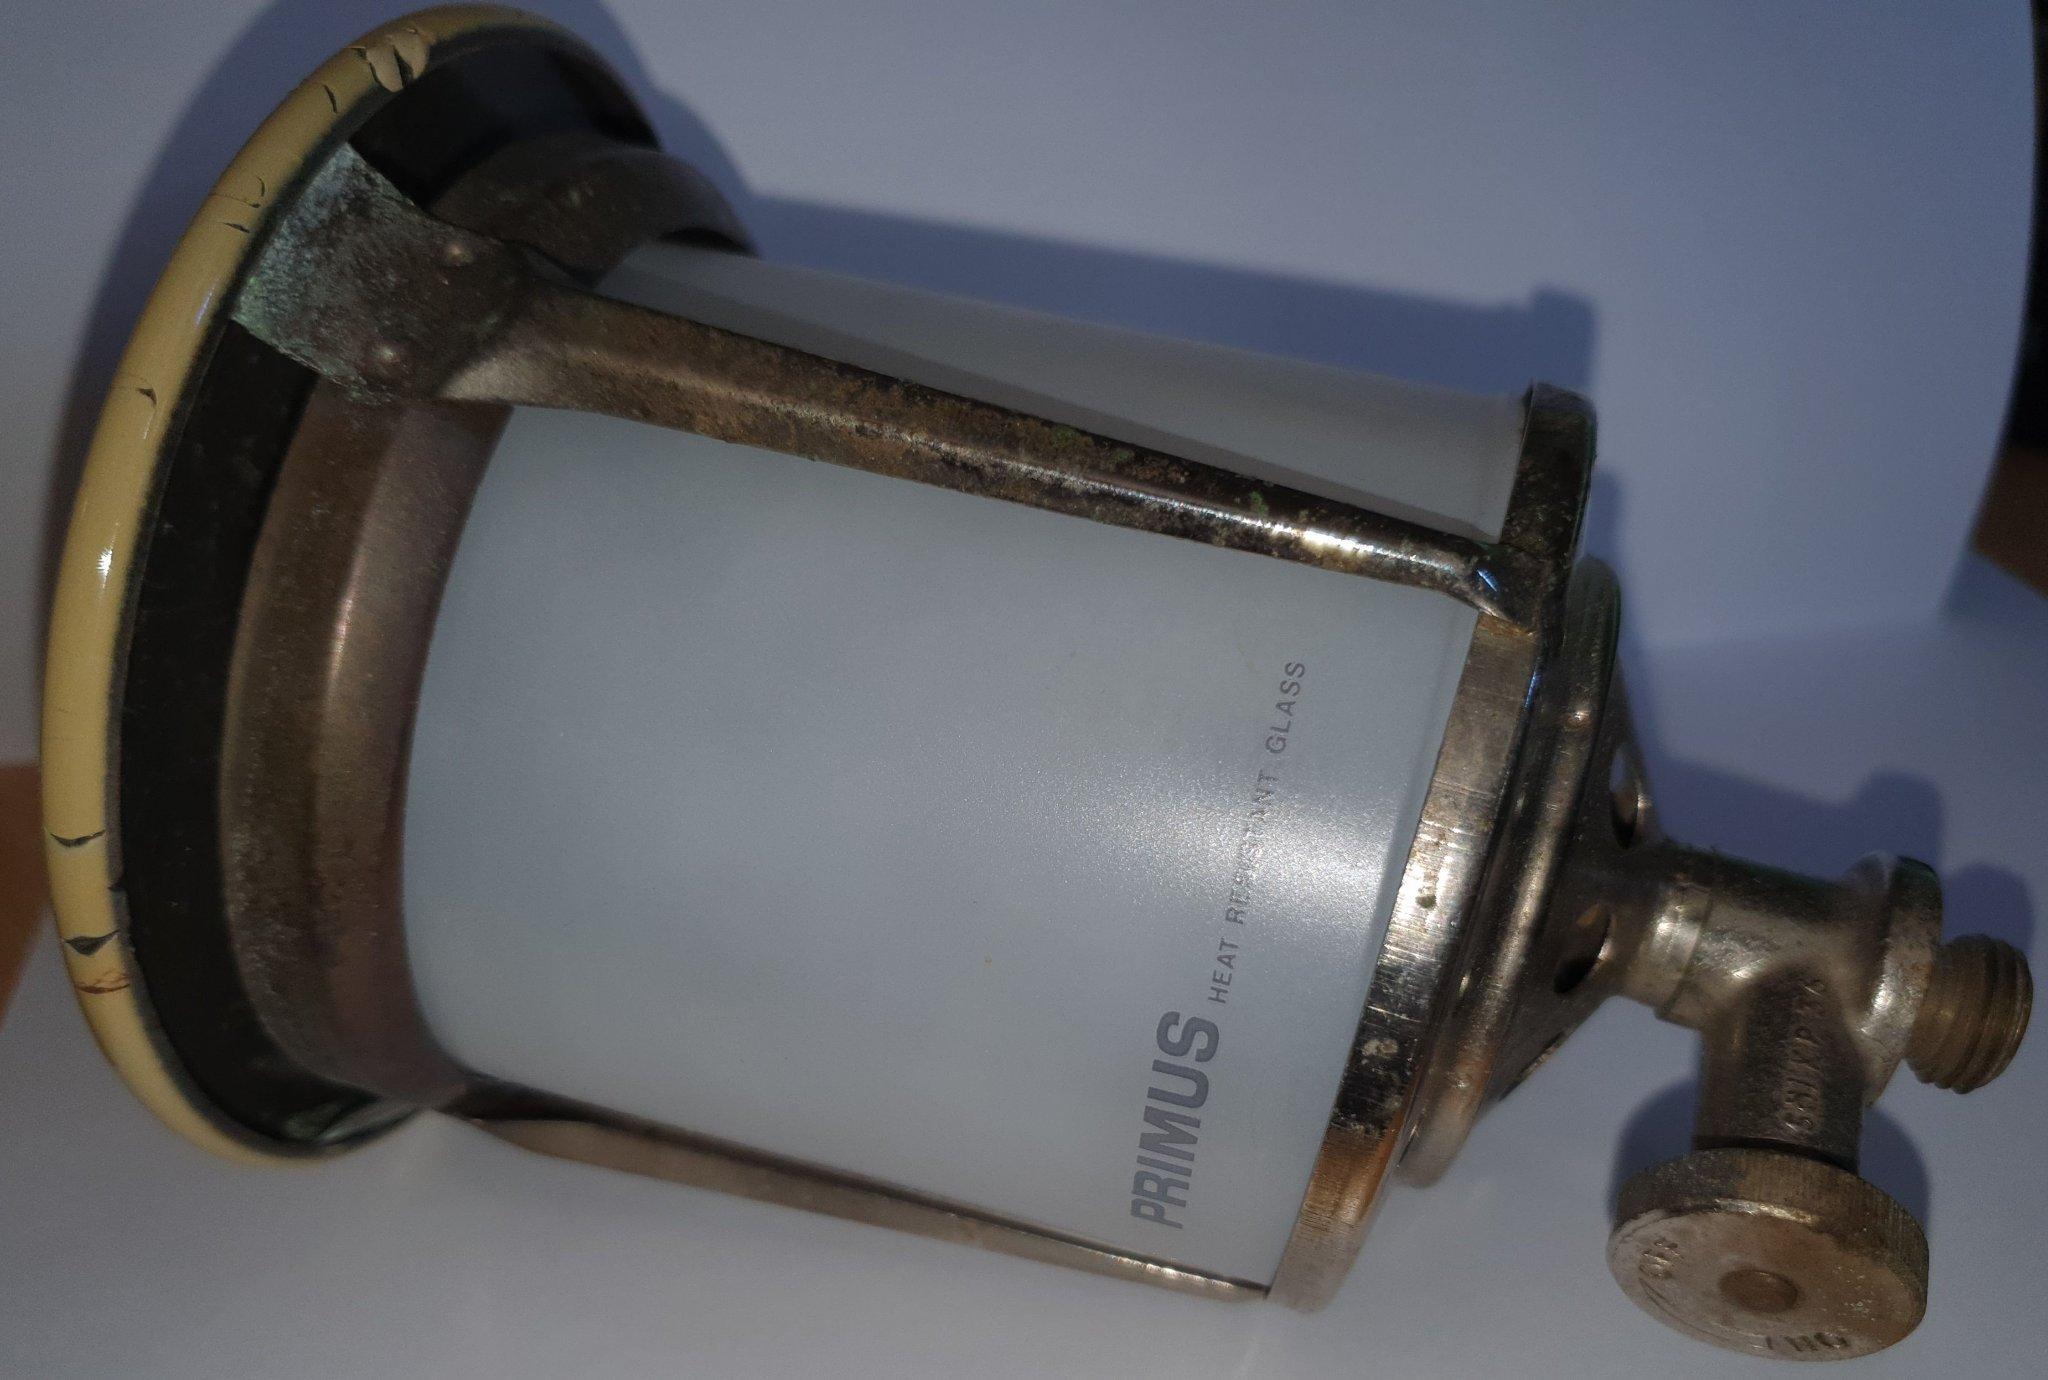 PRIMUS GASOLLAMPA 2150 GASOLLYKTA LAMPA CAMPING JAKT UTFLYKT